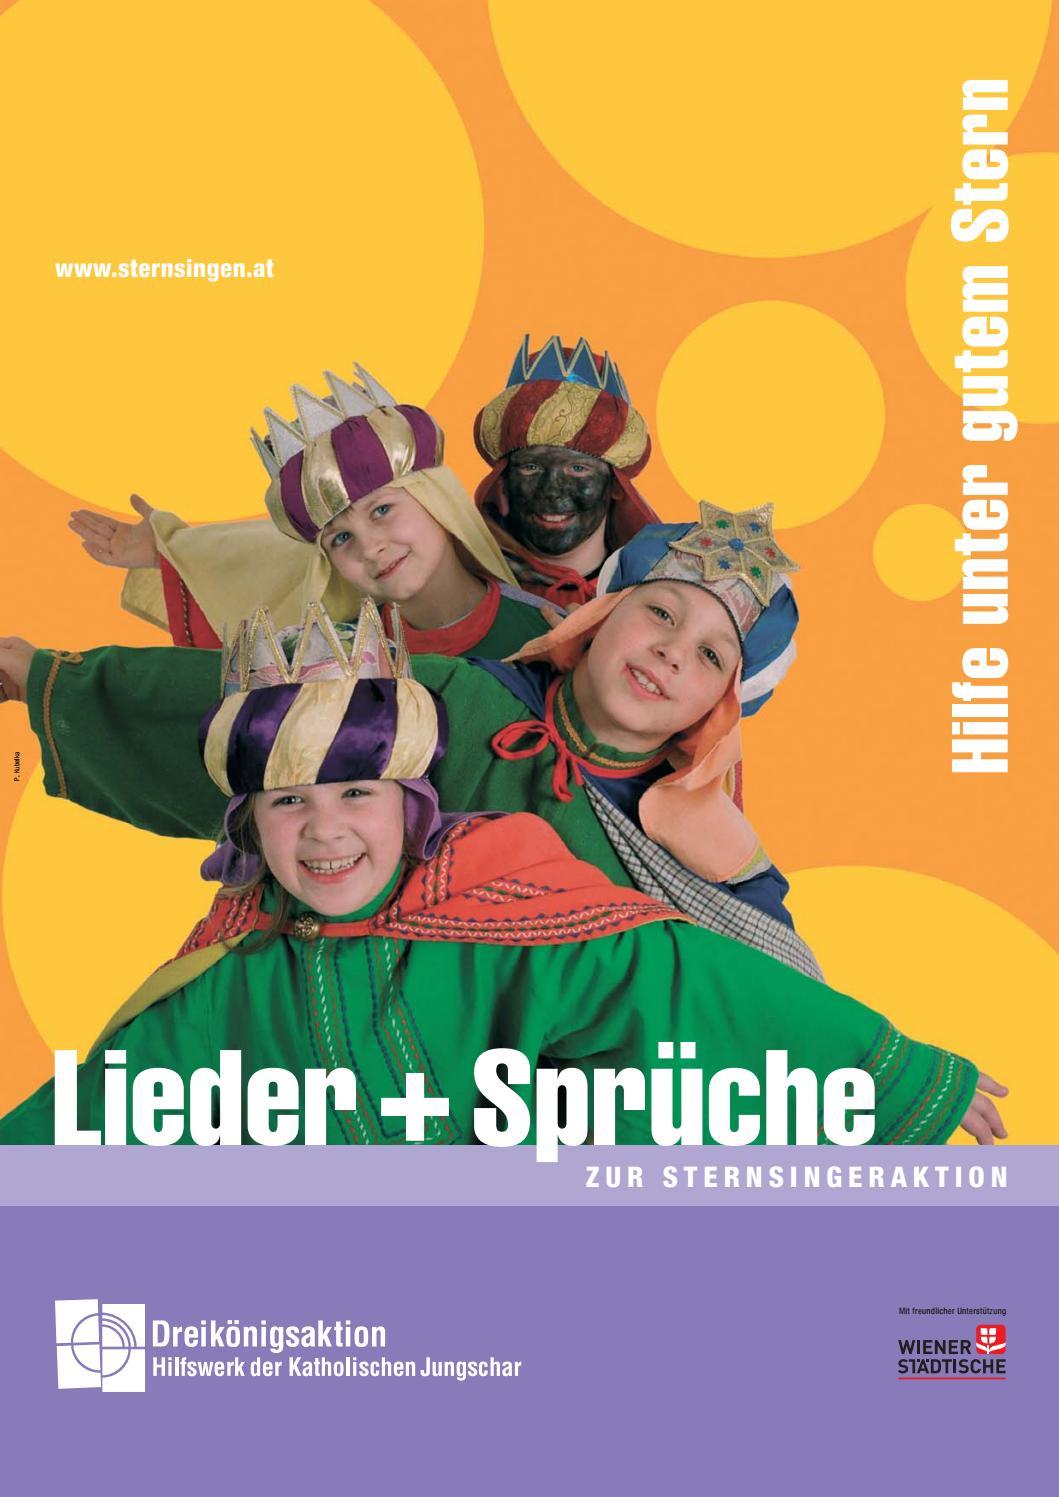 Lieder Und Sprüche Zur Sternsingeraktion 2 2005 By Silvia